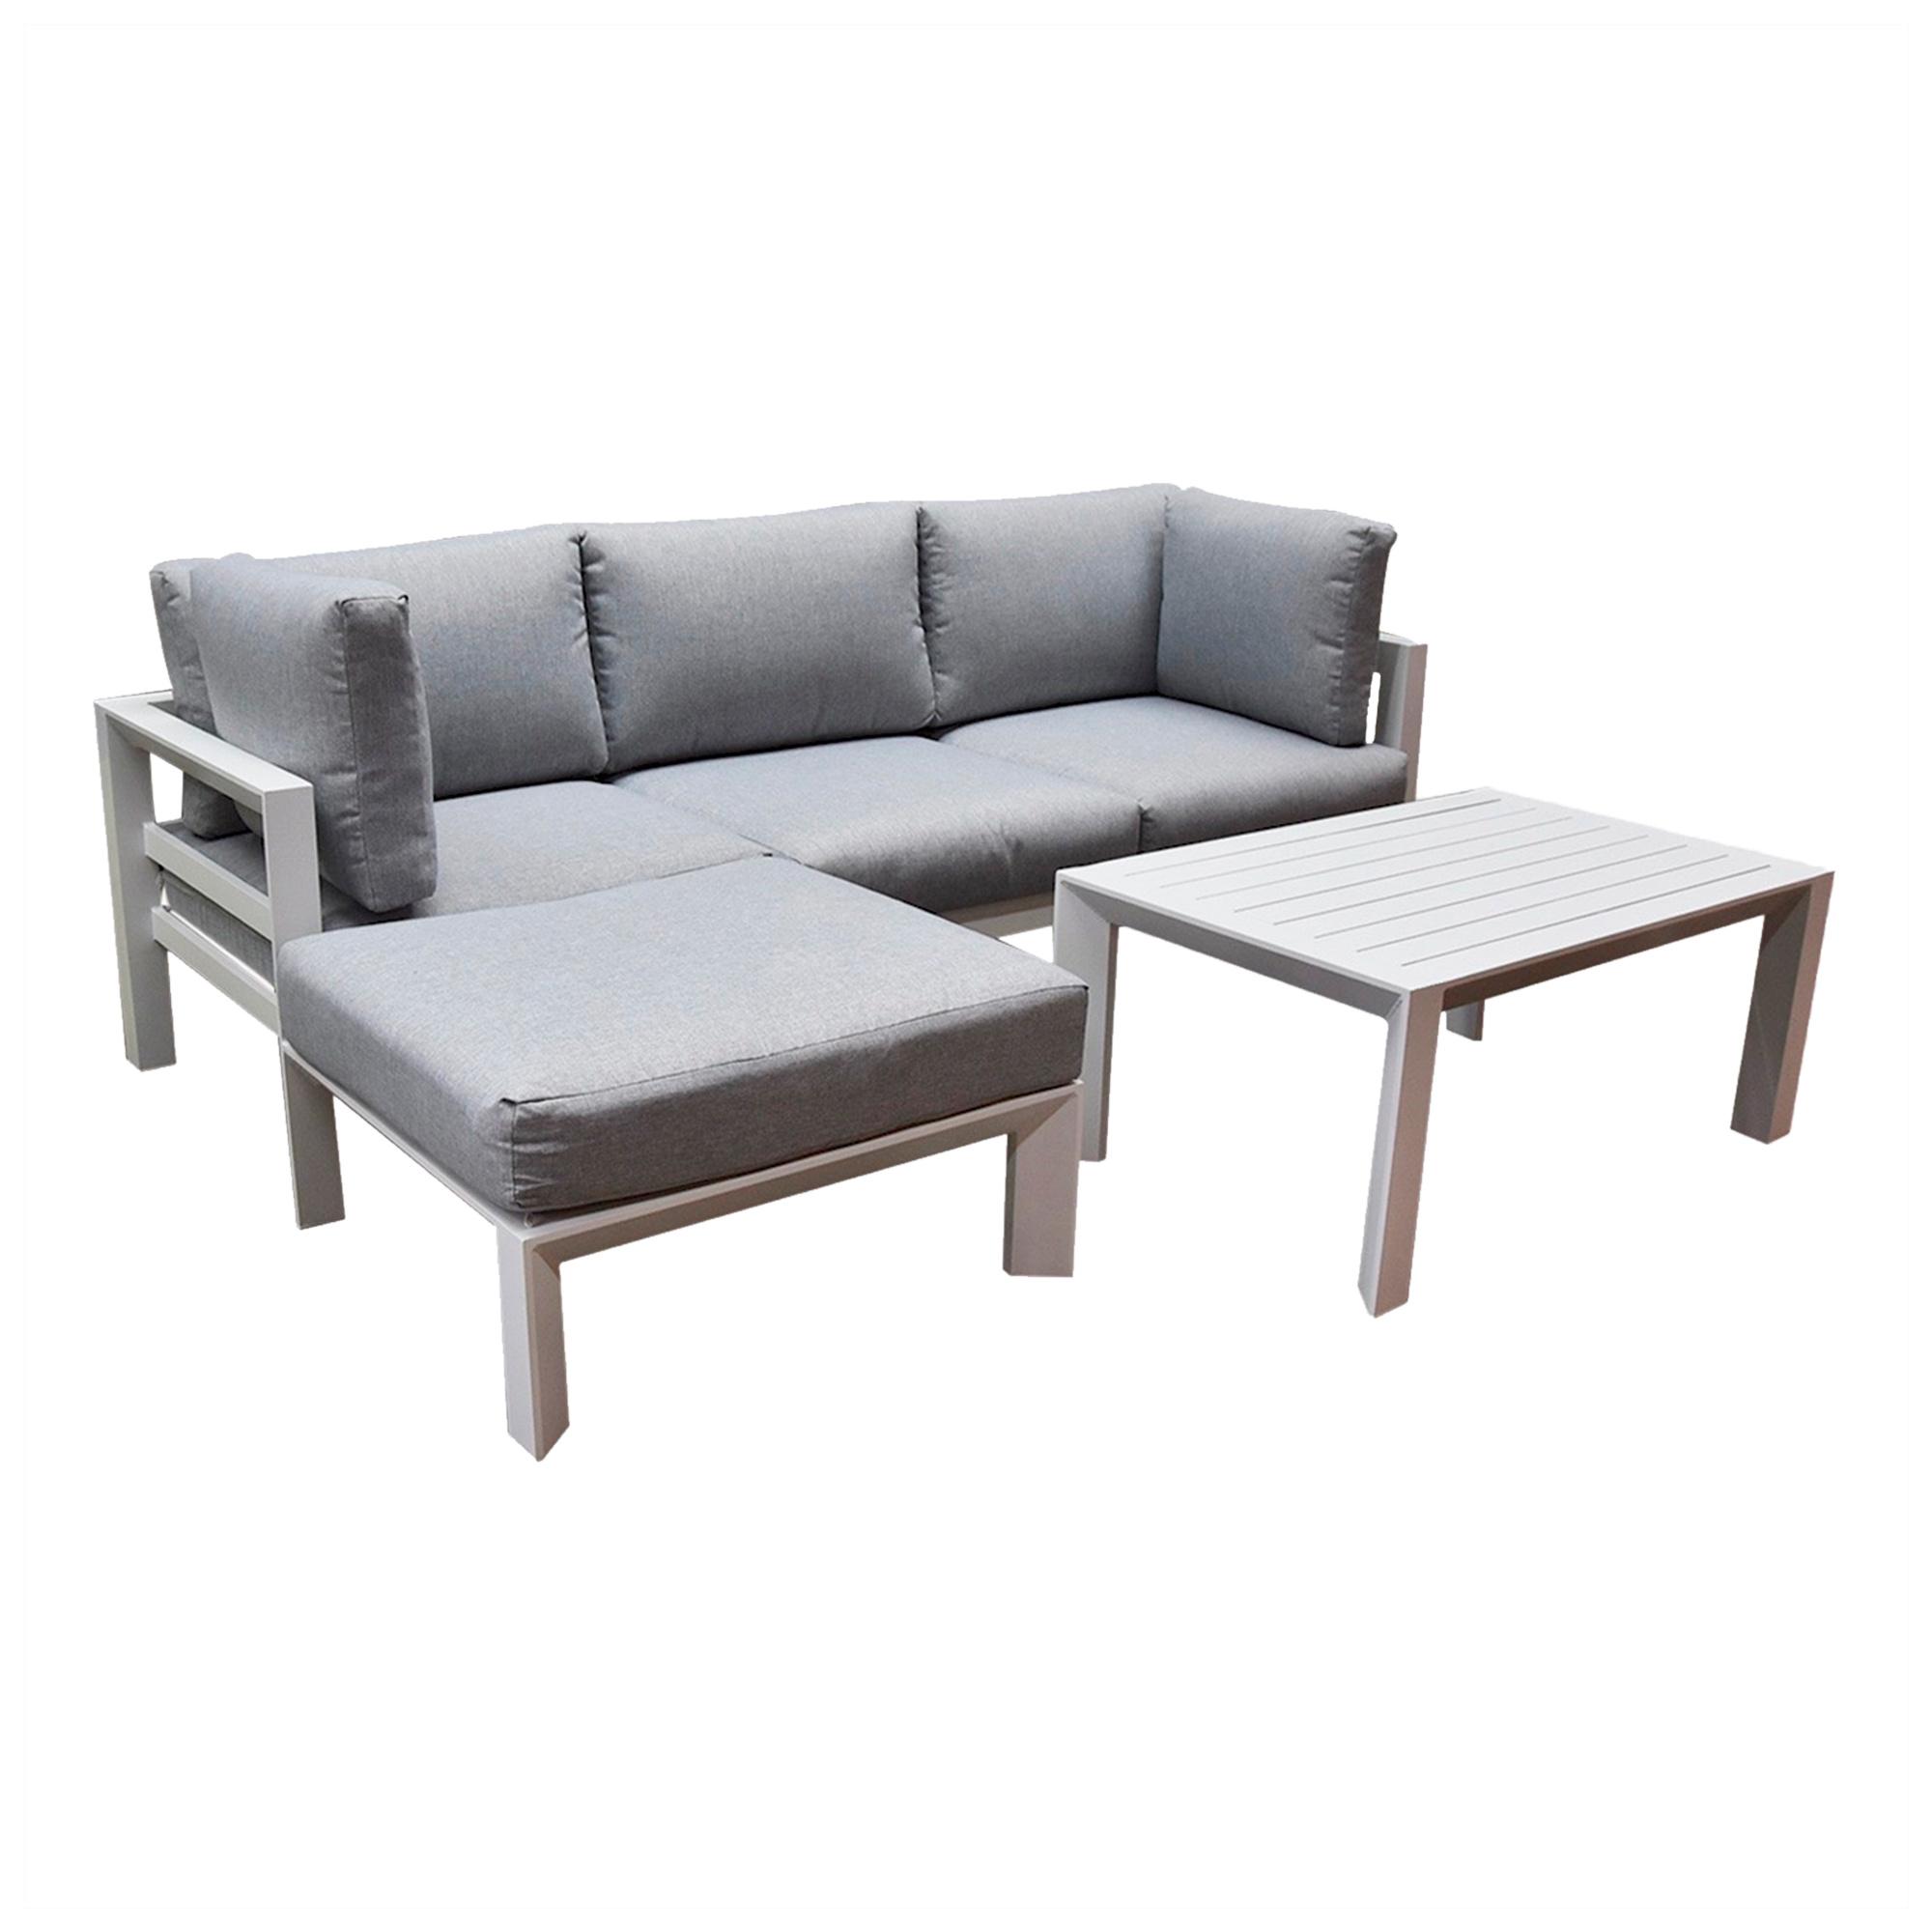 Lissabon chaise longue loungeset 3-delig wit aluminium